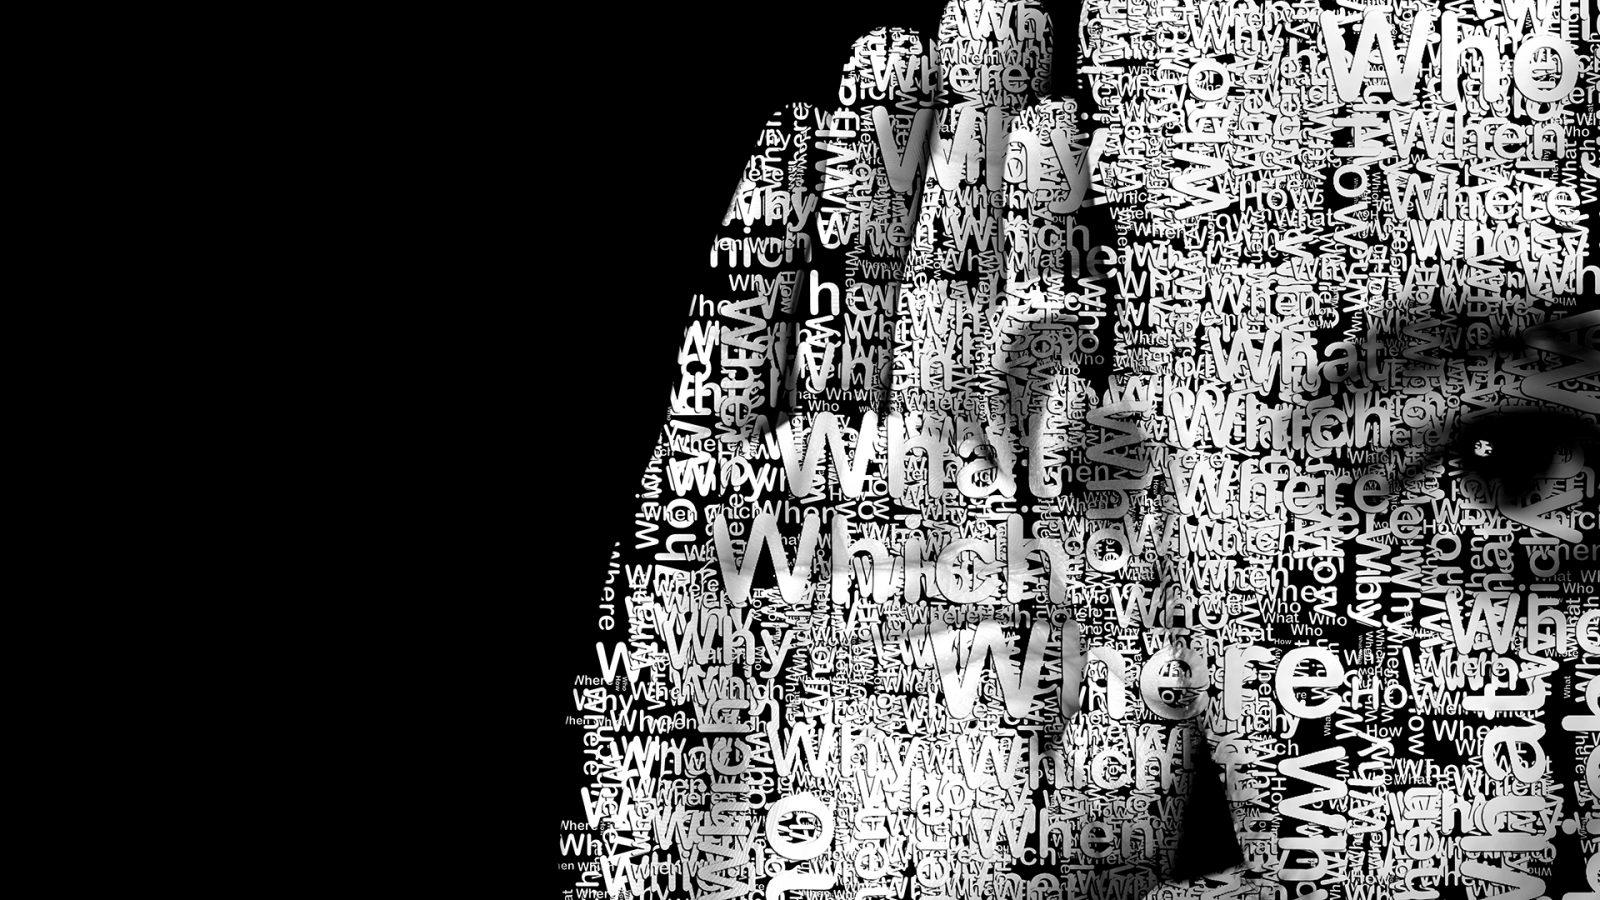 29305755ae4 Si este texto comenzase con la palabra blowjob, la gran mayoría sabríamos  su significado –sexo oral–. Lo que muchos quizá desconozcan es que su  origen está ...